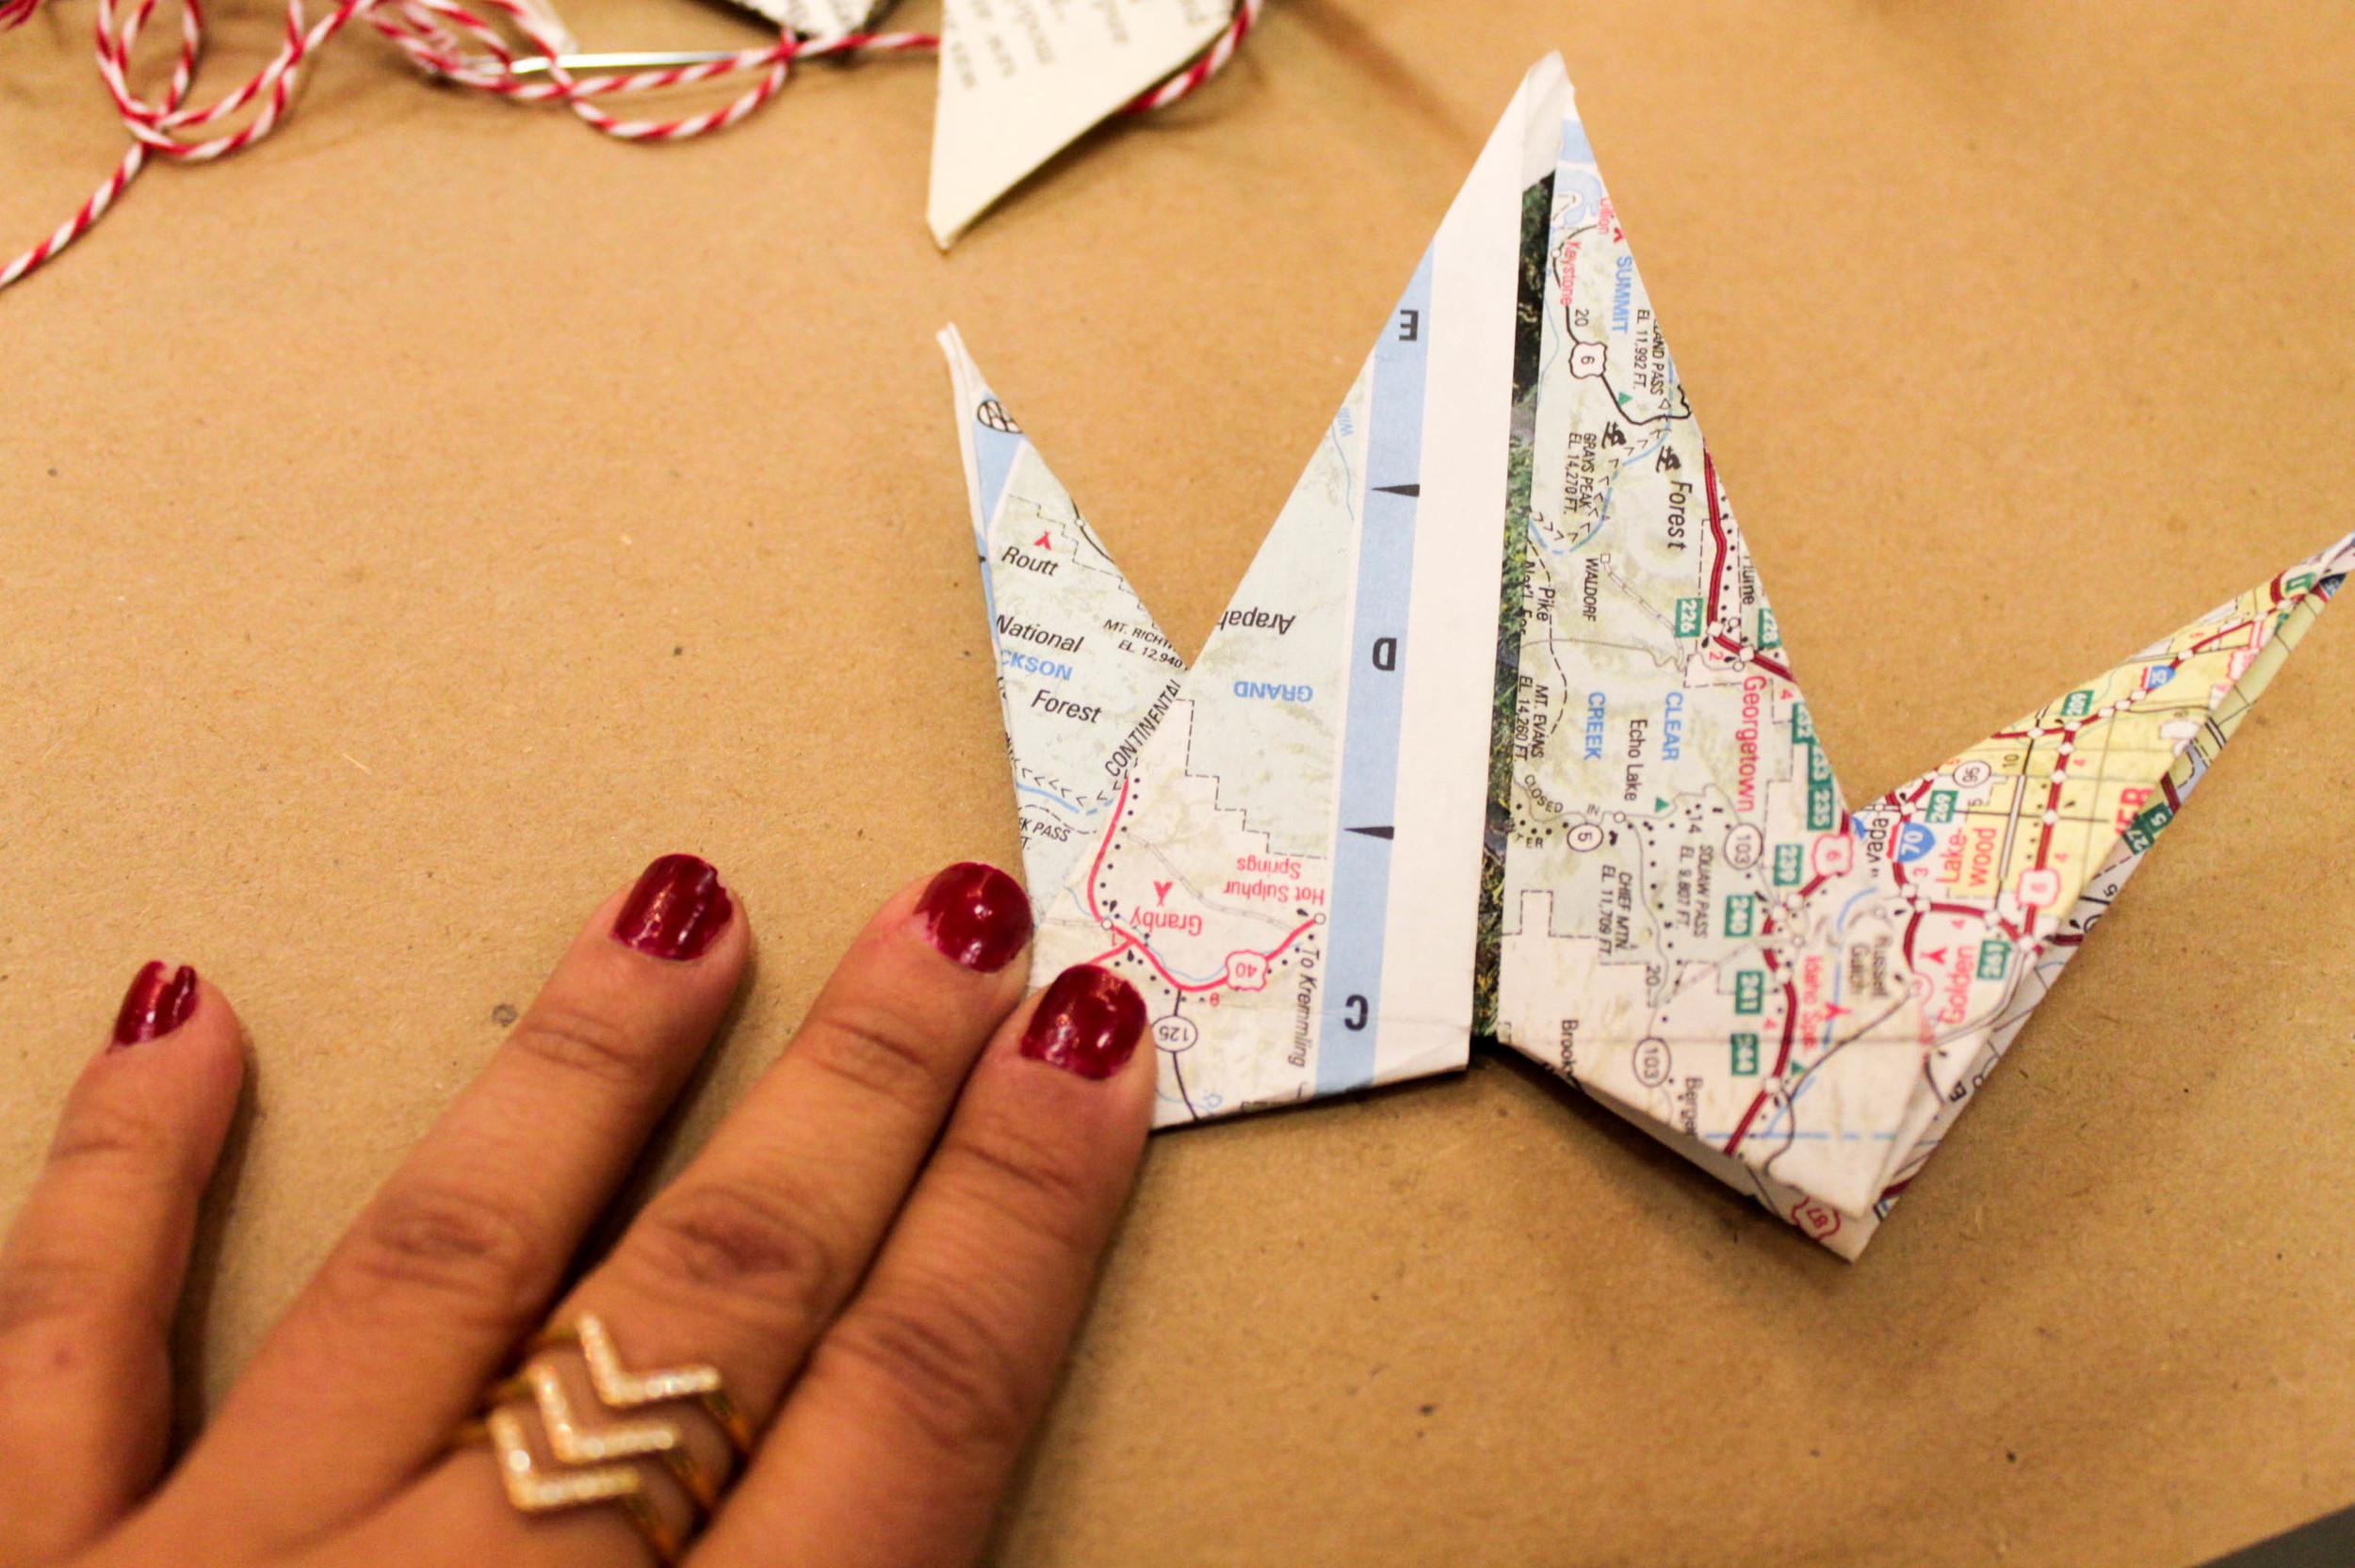 paper-cranes-etxe-19.jpg